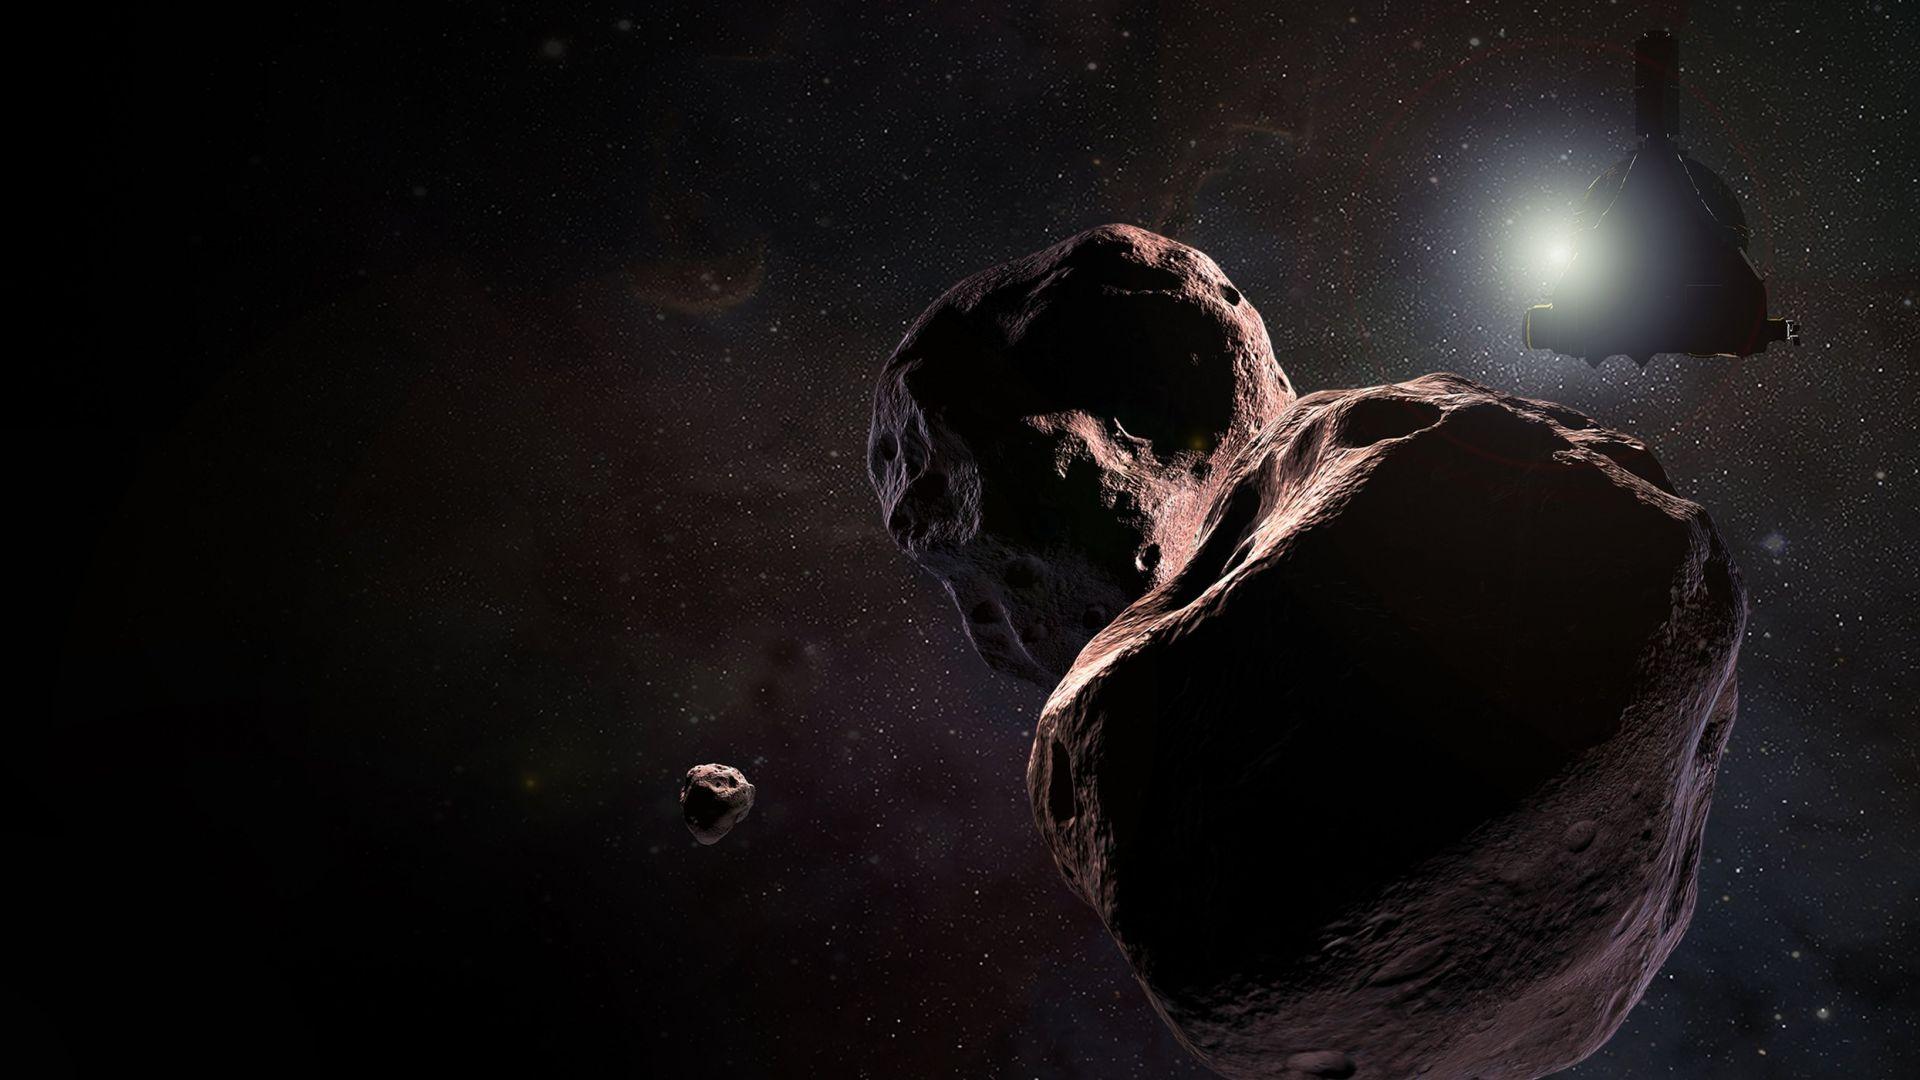 Скоро ще бъде посетен един от най-отдалечените обекти в Слънчевата система